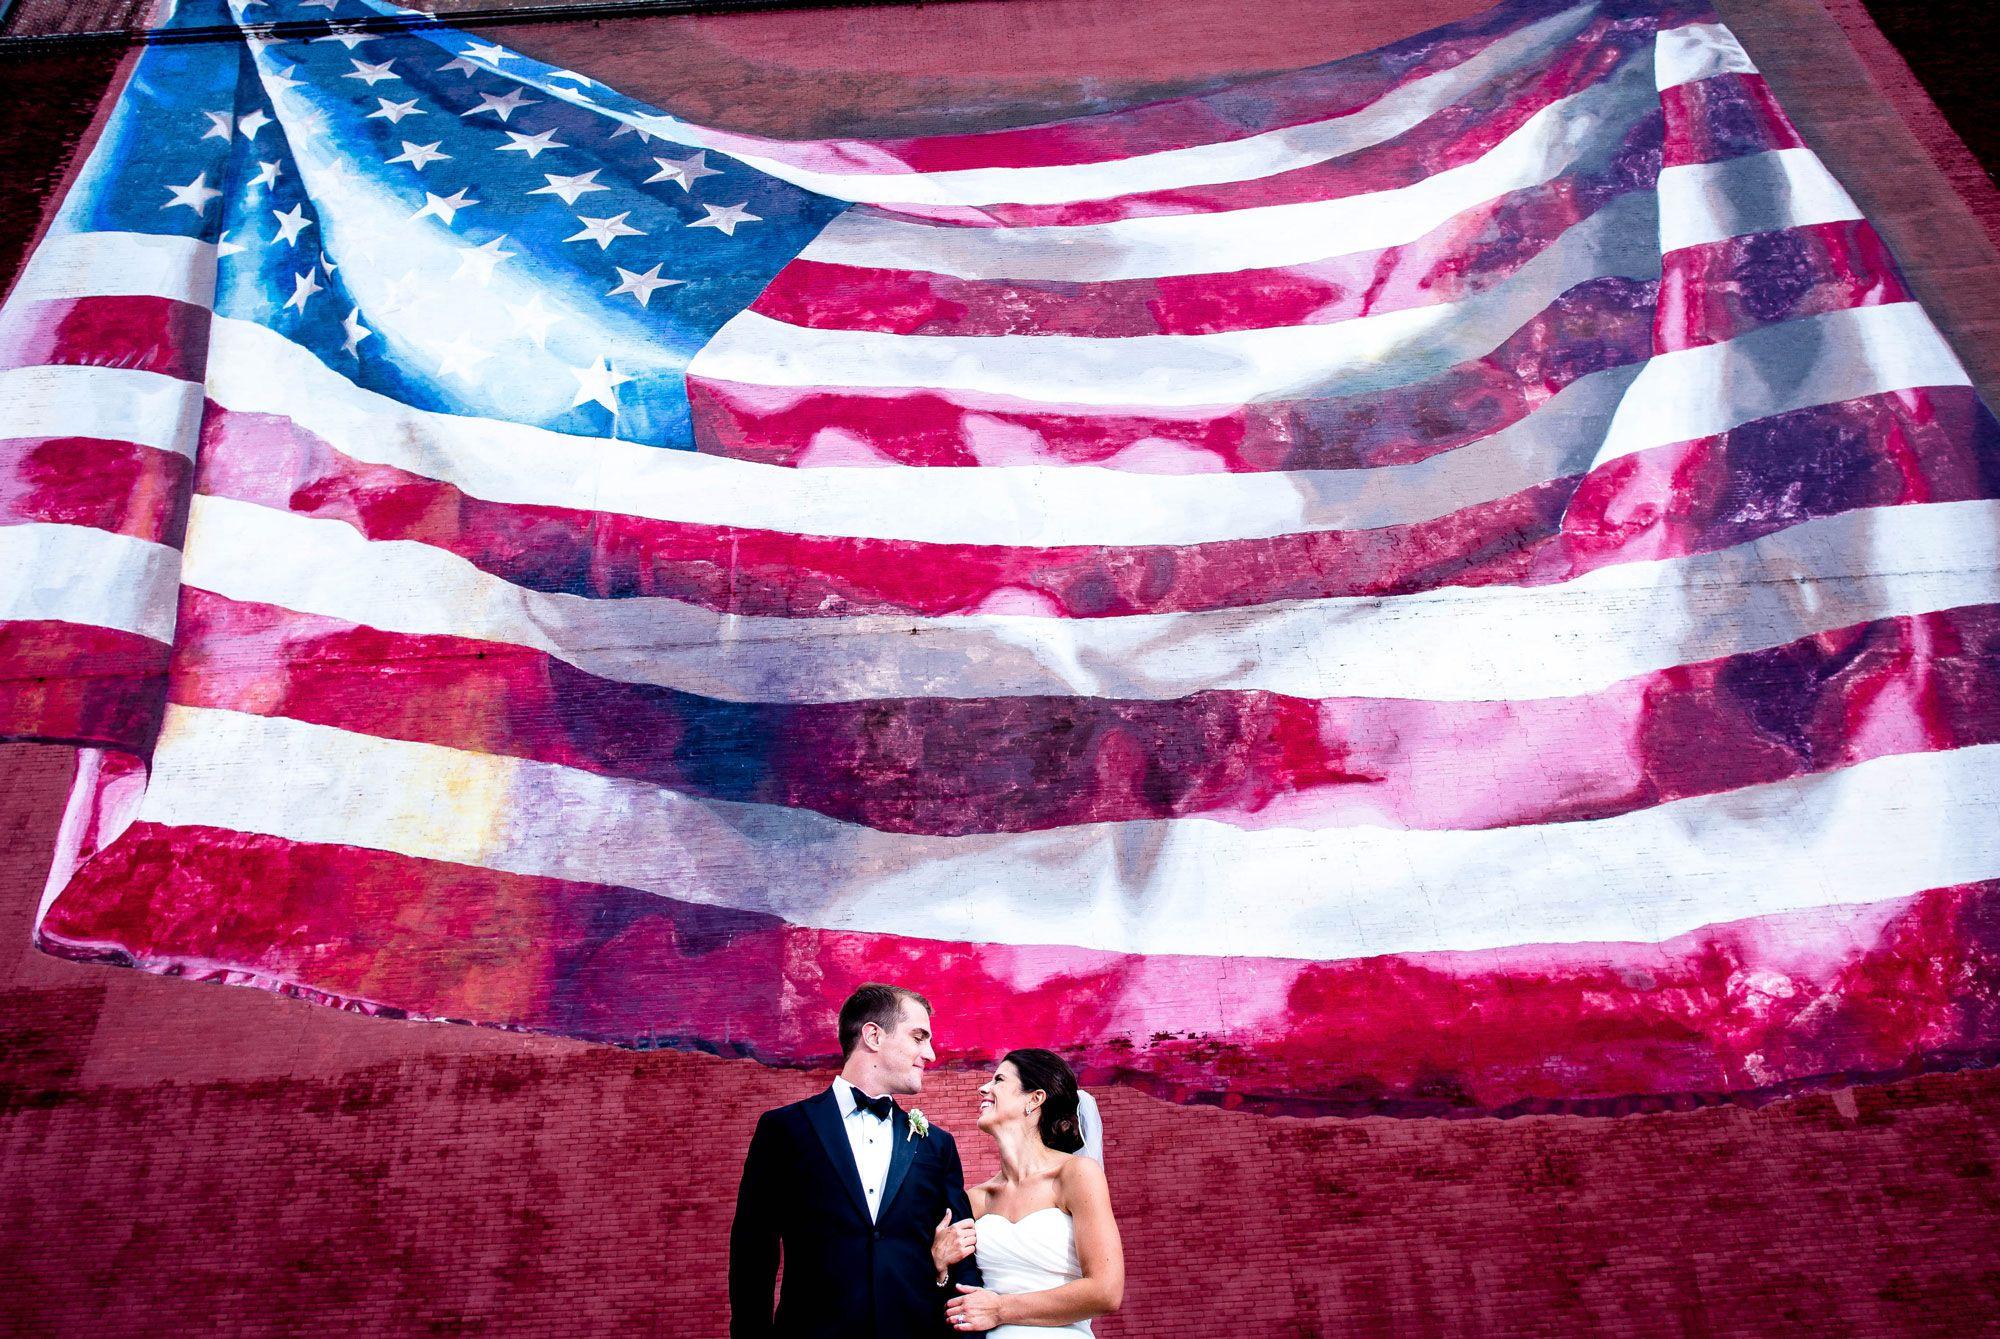 Fourth of July Wedding Ideas - Patriotic Themed Wedding